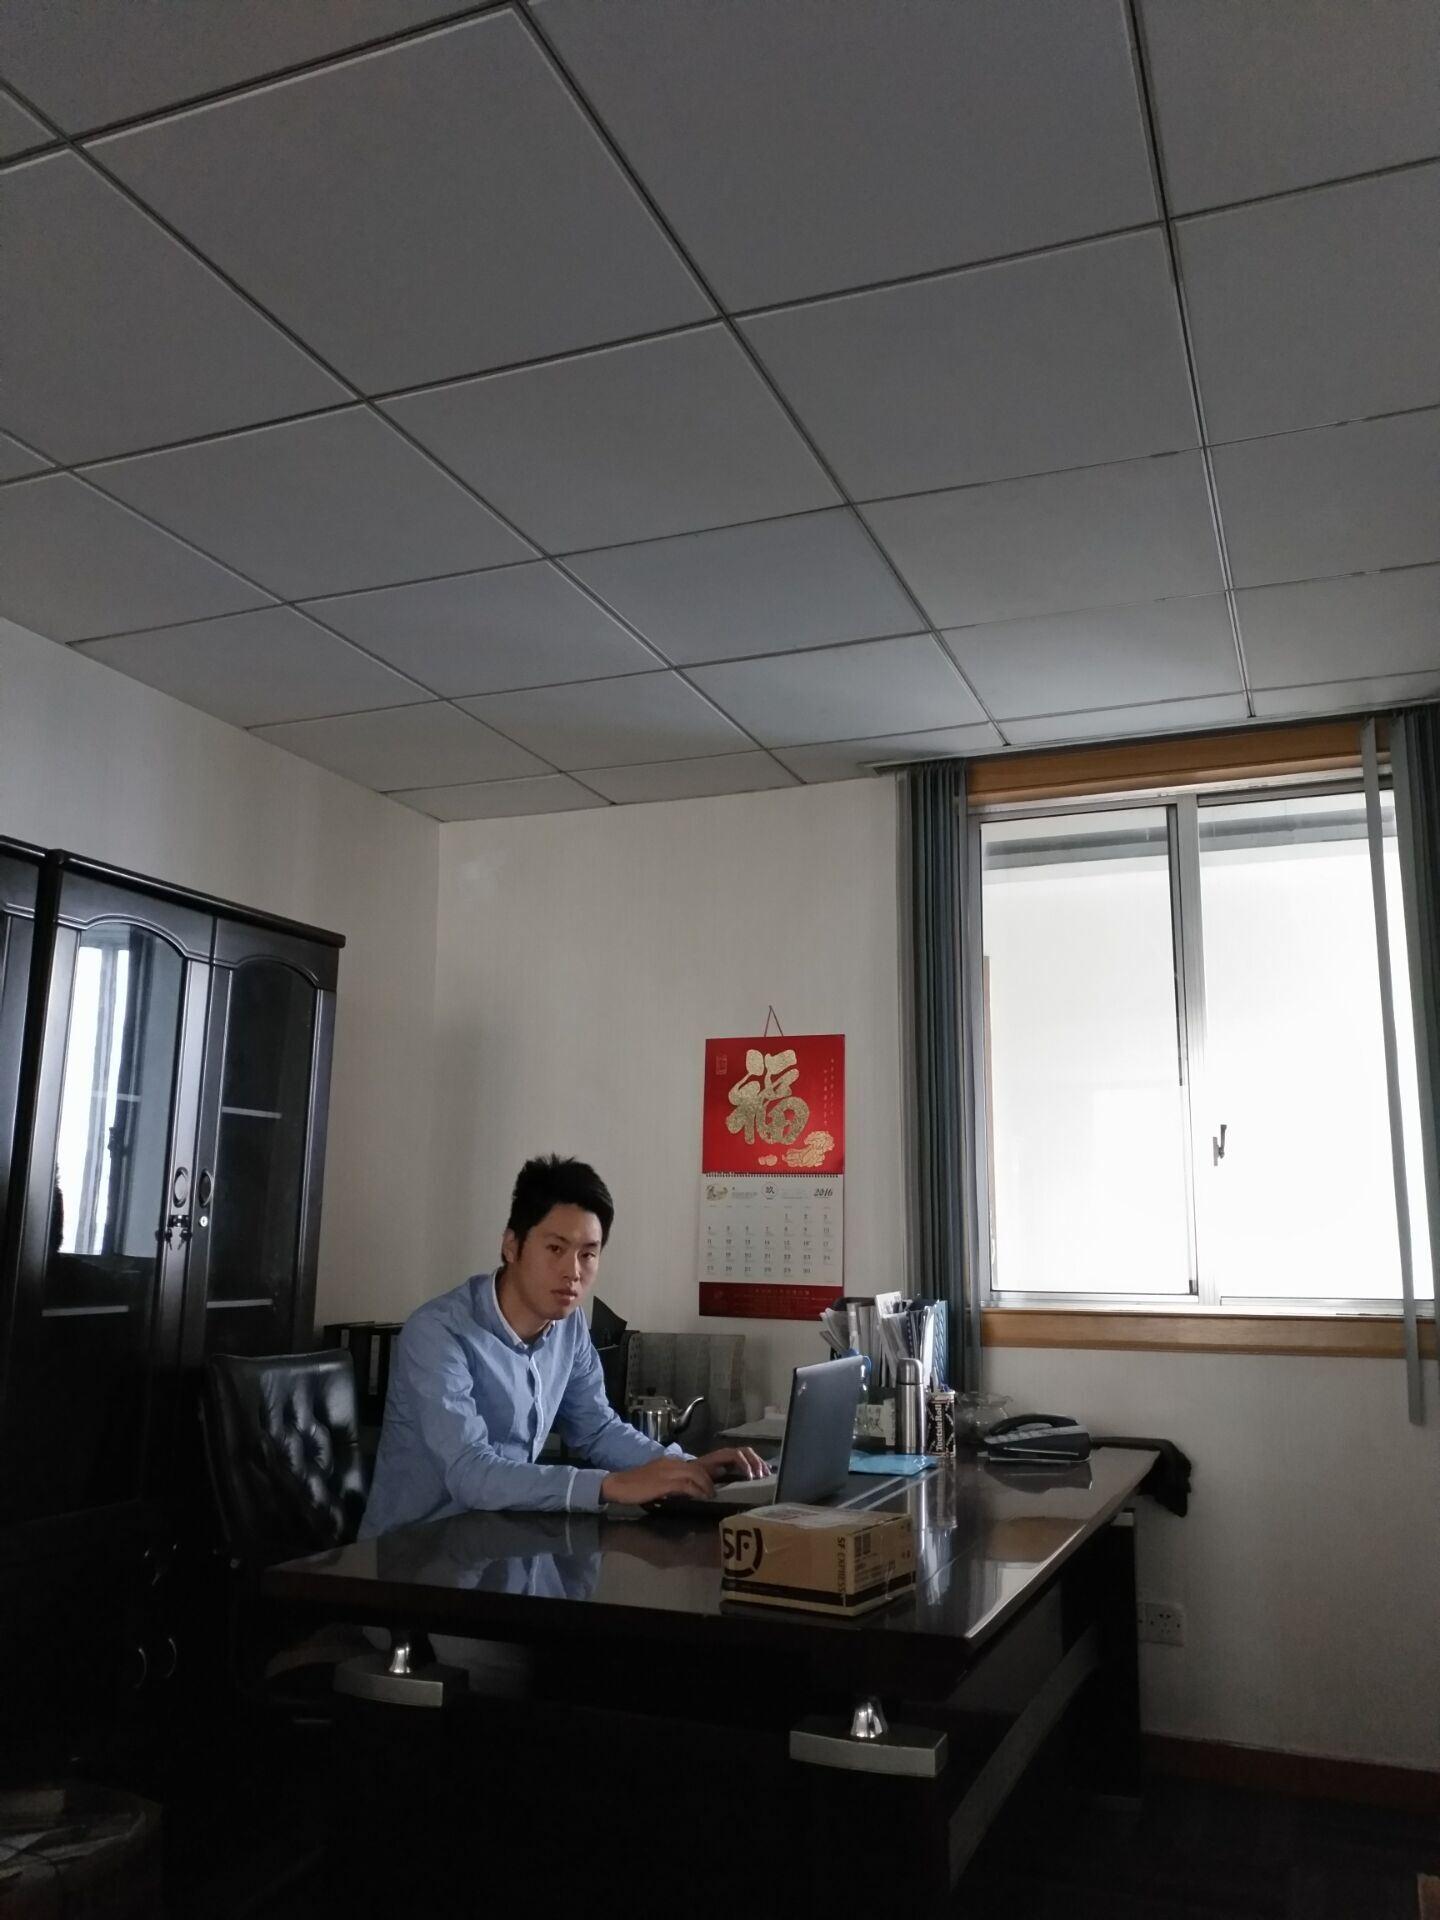 惠州到柳州物流专线(广州亿迅城运物流有限公司惠州分公司)